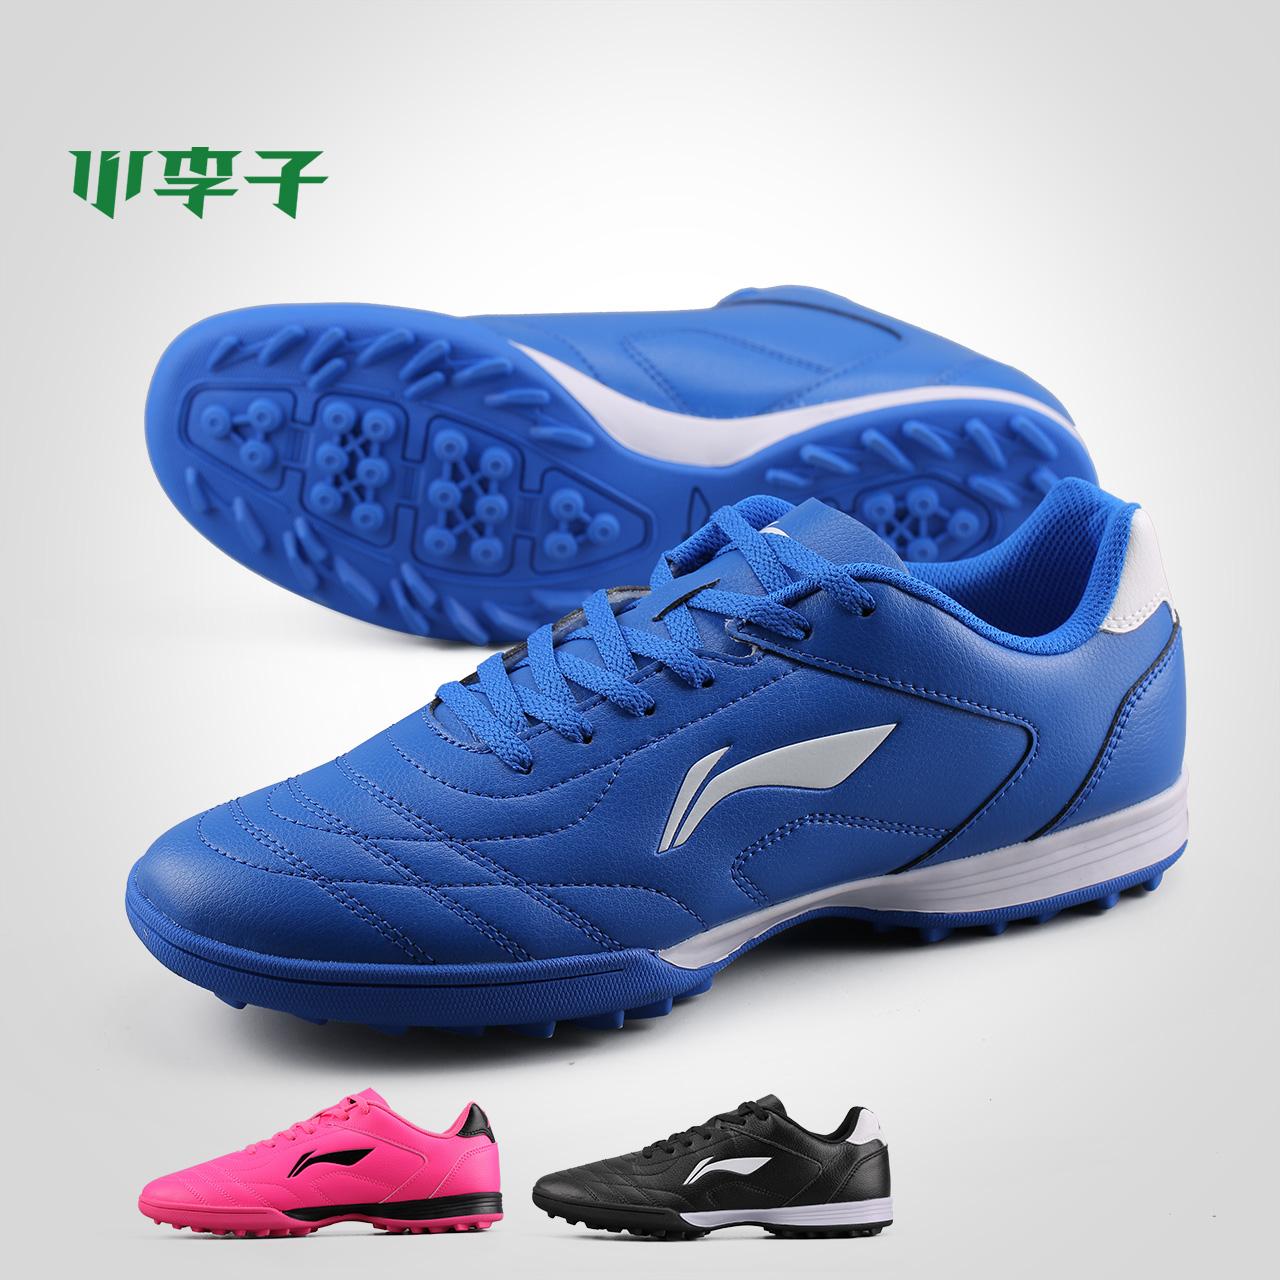 Небольшой слива сын : качественная продукция из специализированного магазина li ning футбол обувной мужчина TF сломанные ногти искусственный газон взрослых подростков обучение обувной